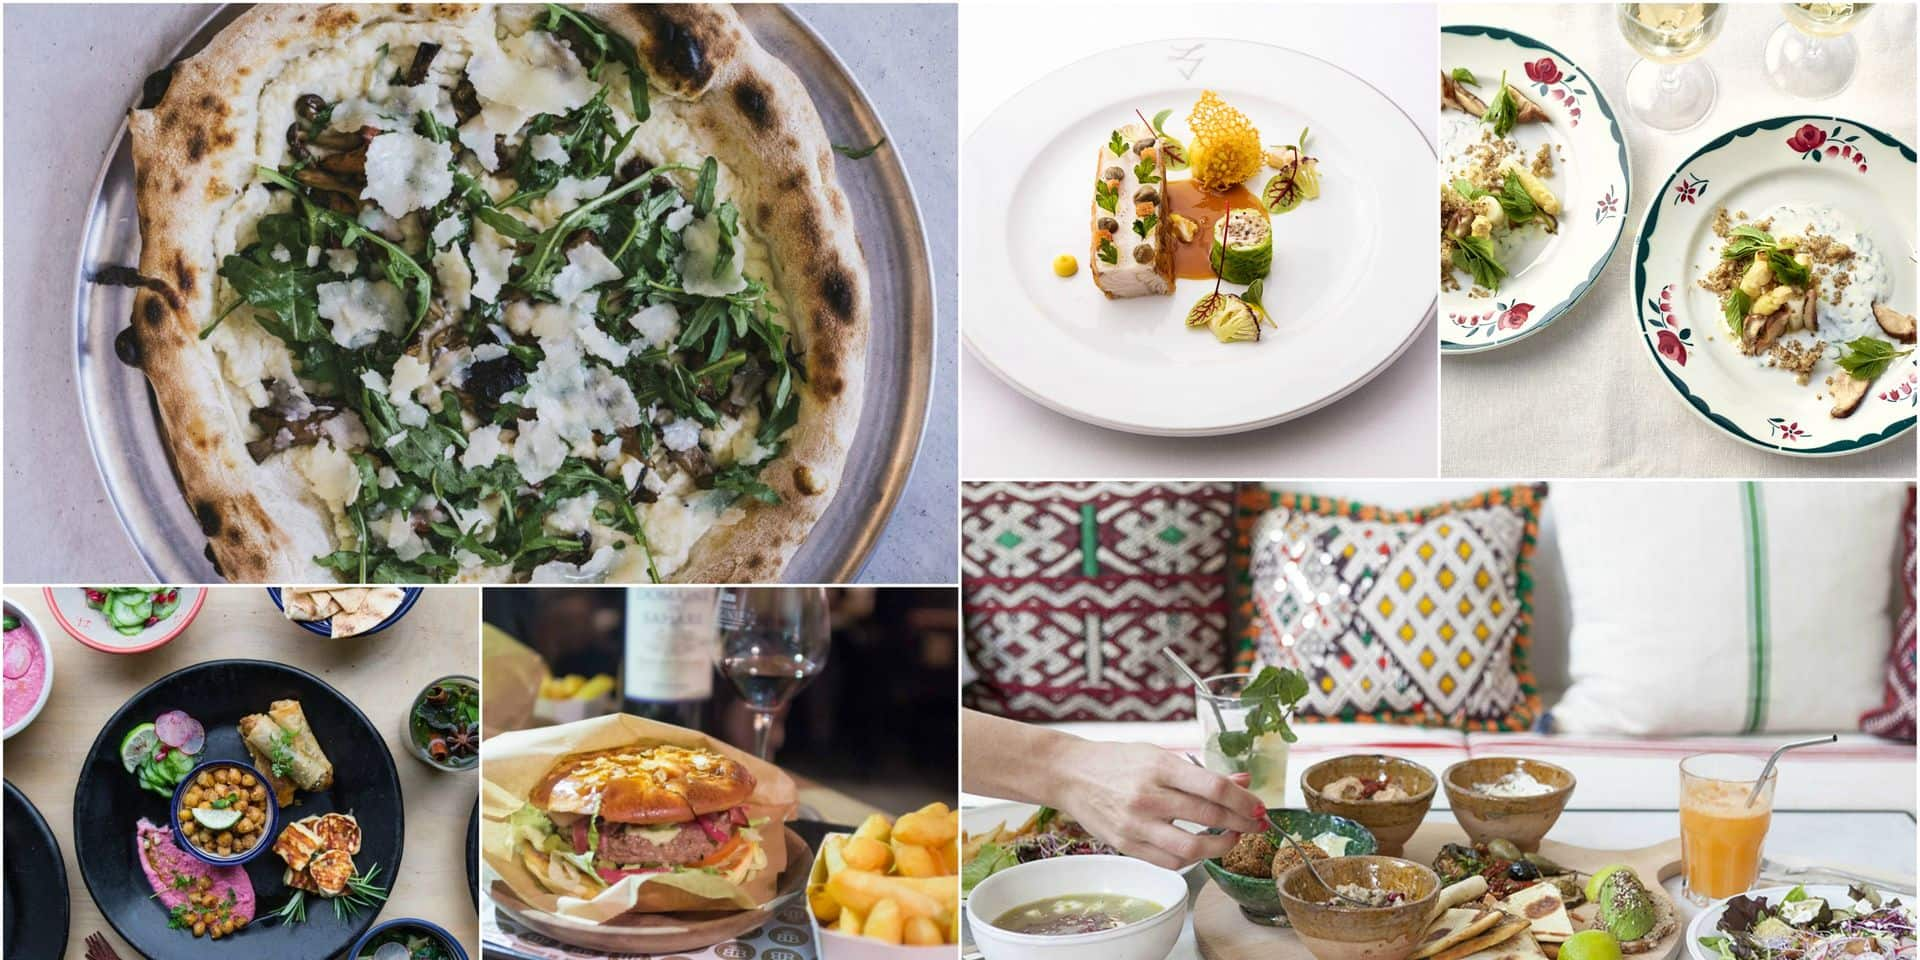 Les 20 nouveaux restaurants trendy à (re)découvrir